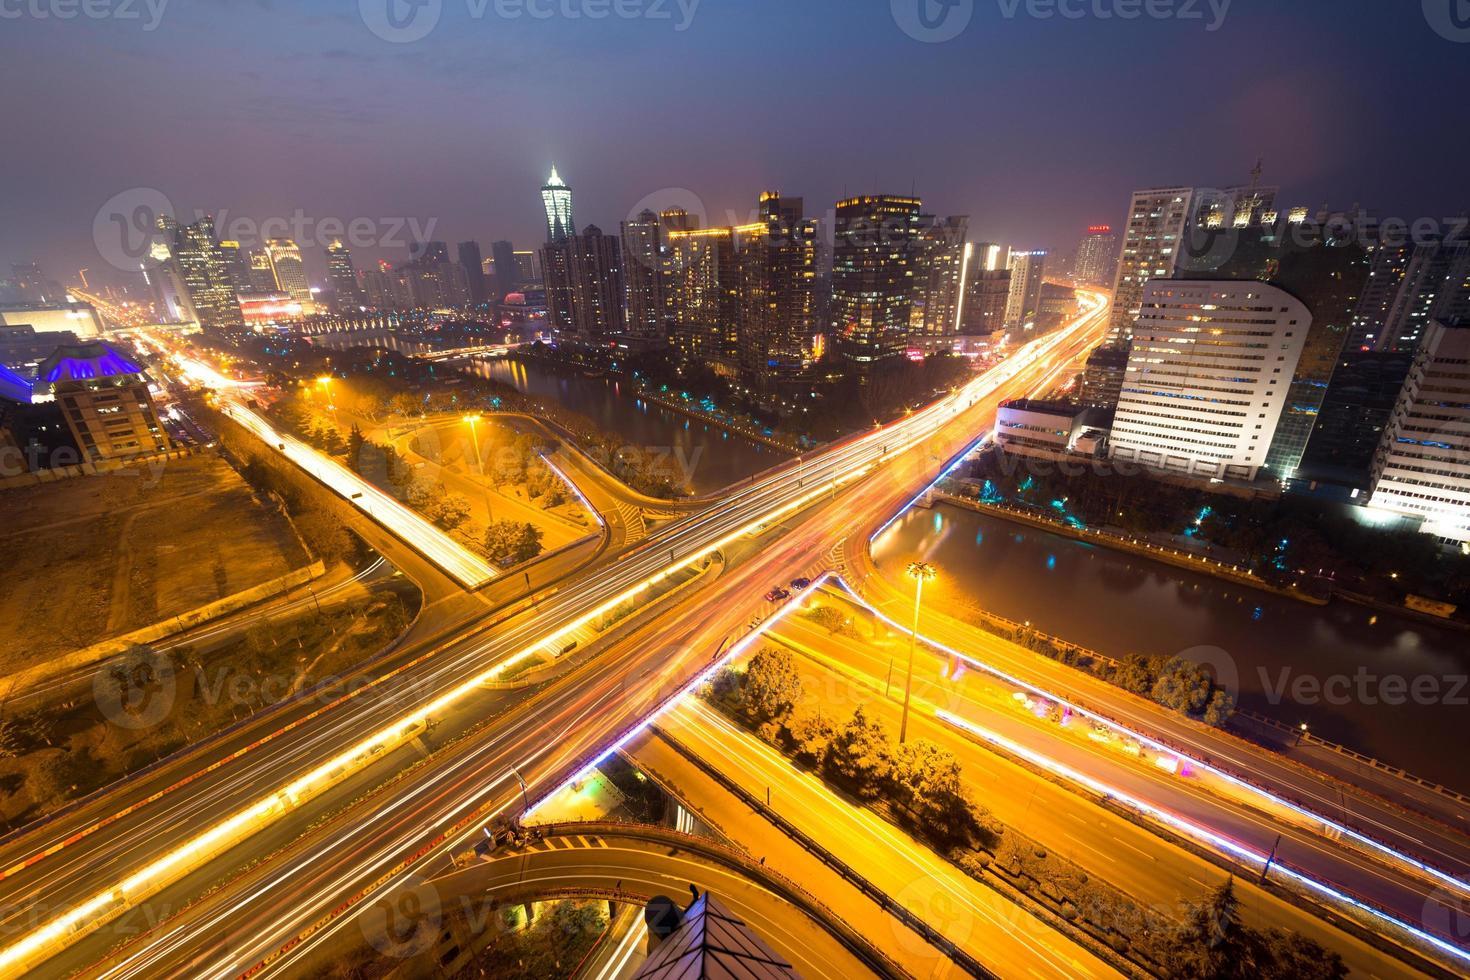 sentiers de feux de circulation sur le viaduc et le paysage urbain la nuit photo